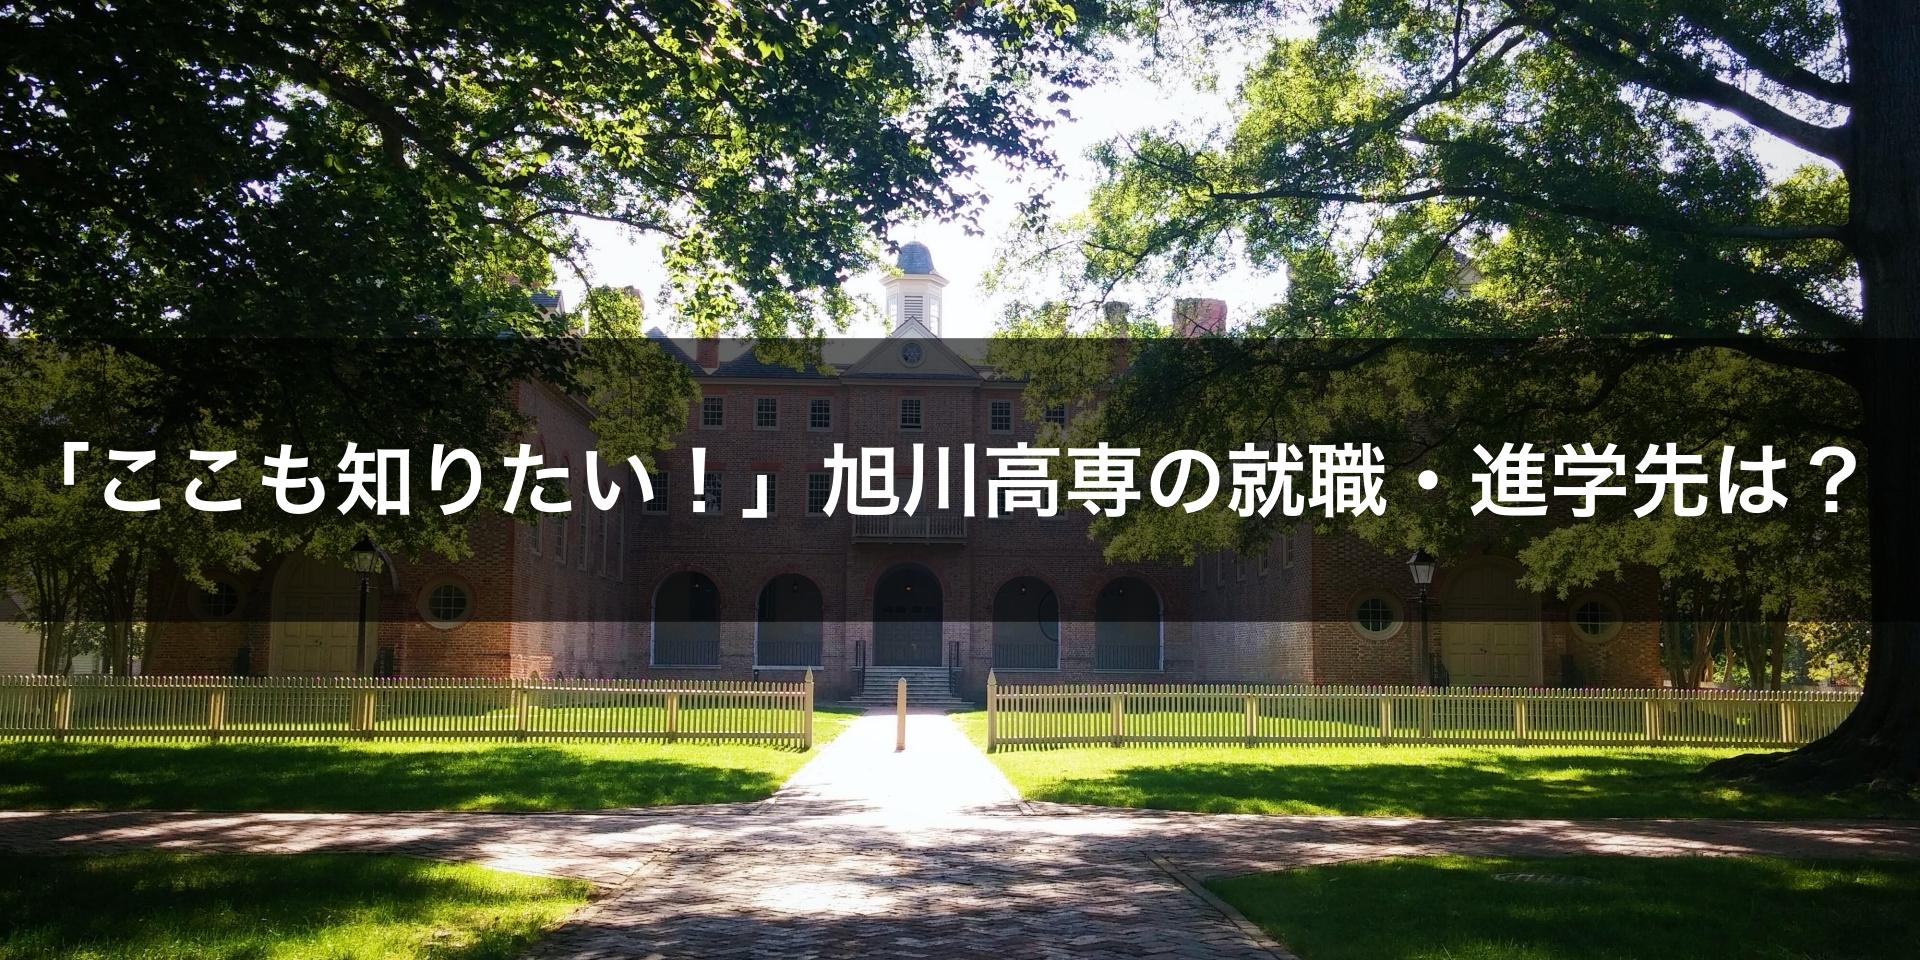 旭川高専の就職・進学先は?